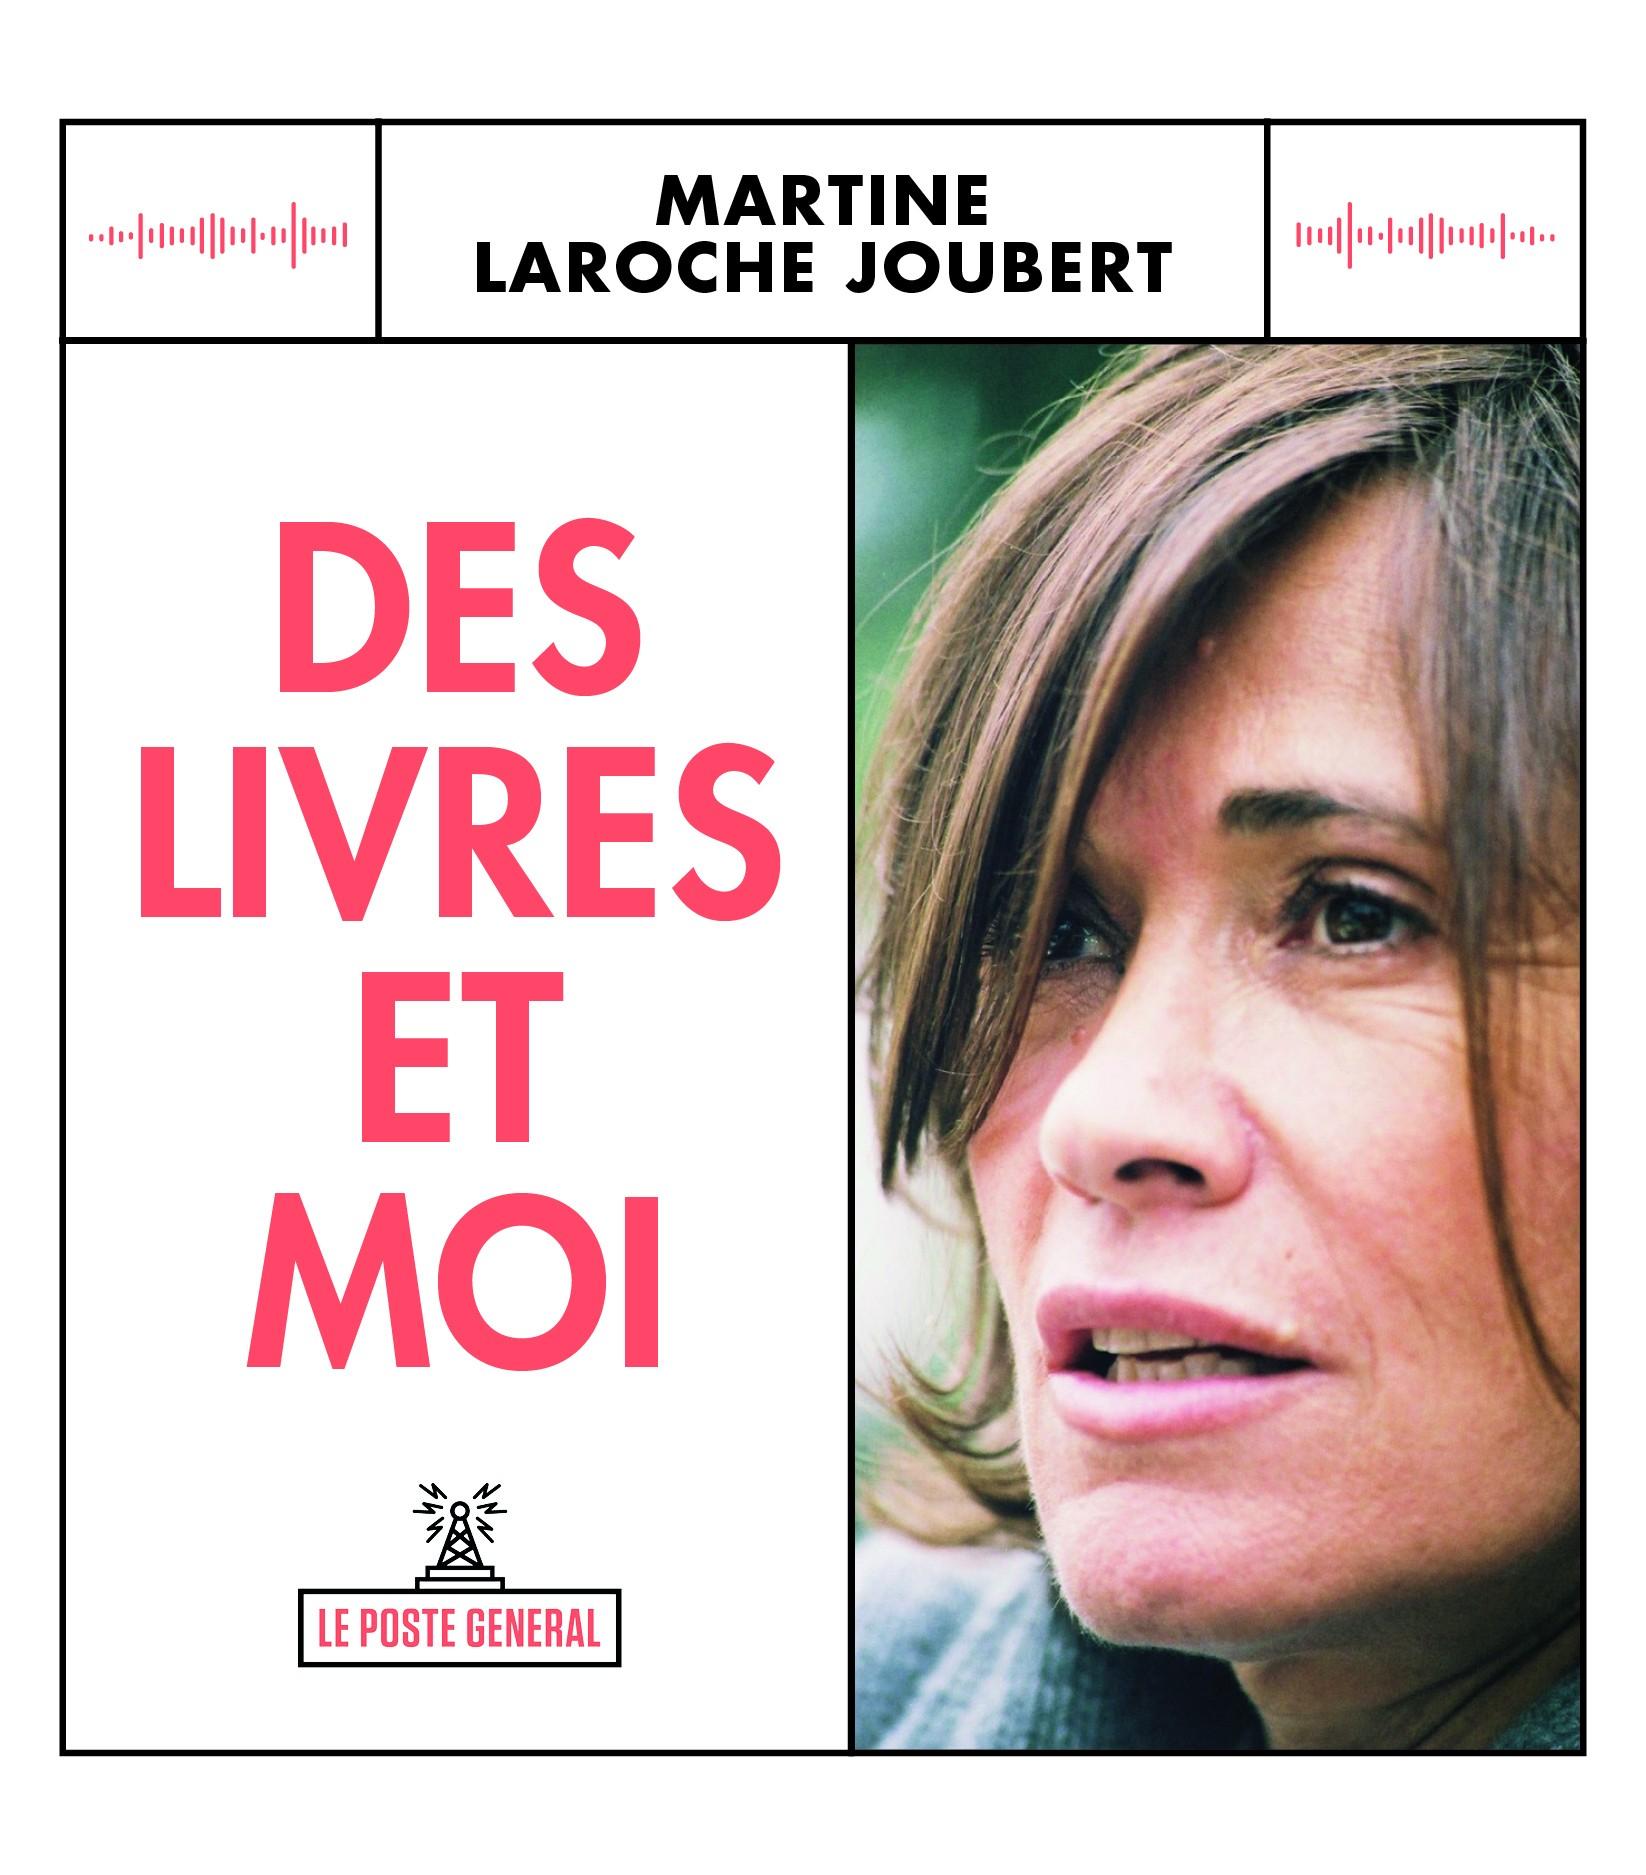 Martine Laroche-Joubert